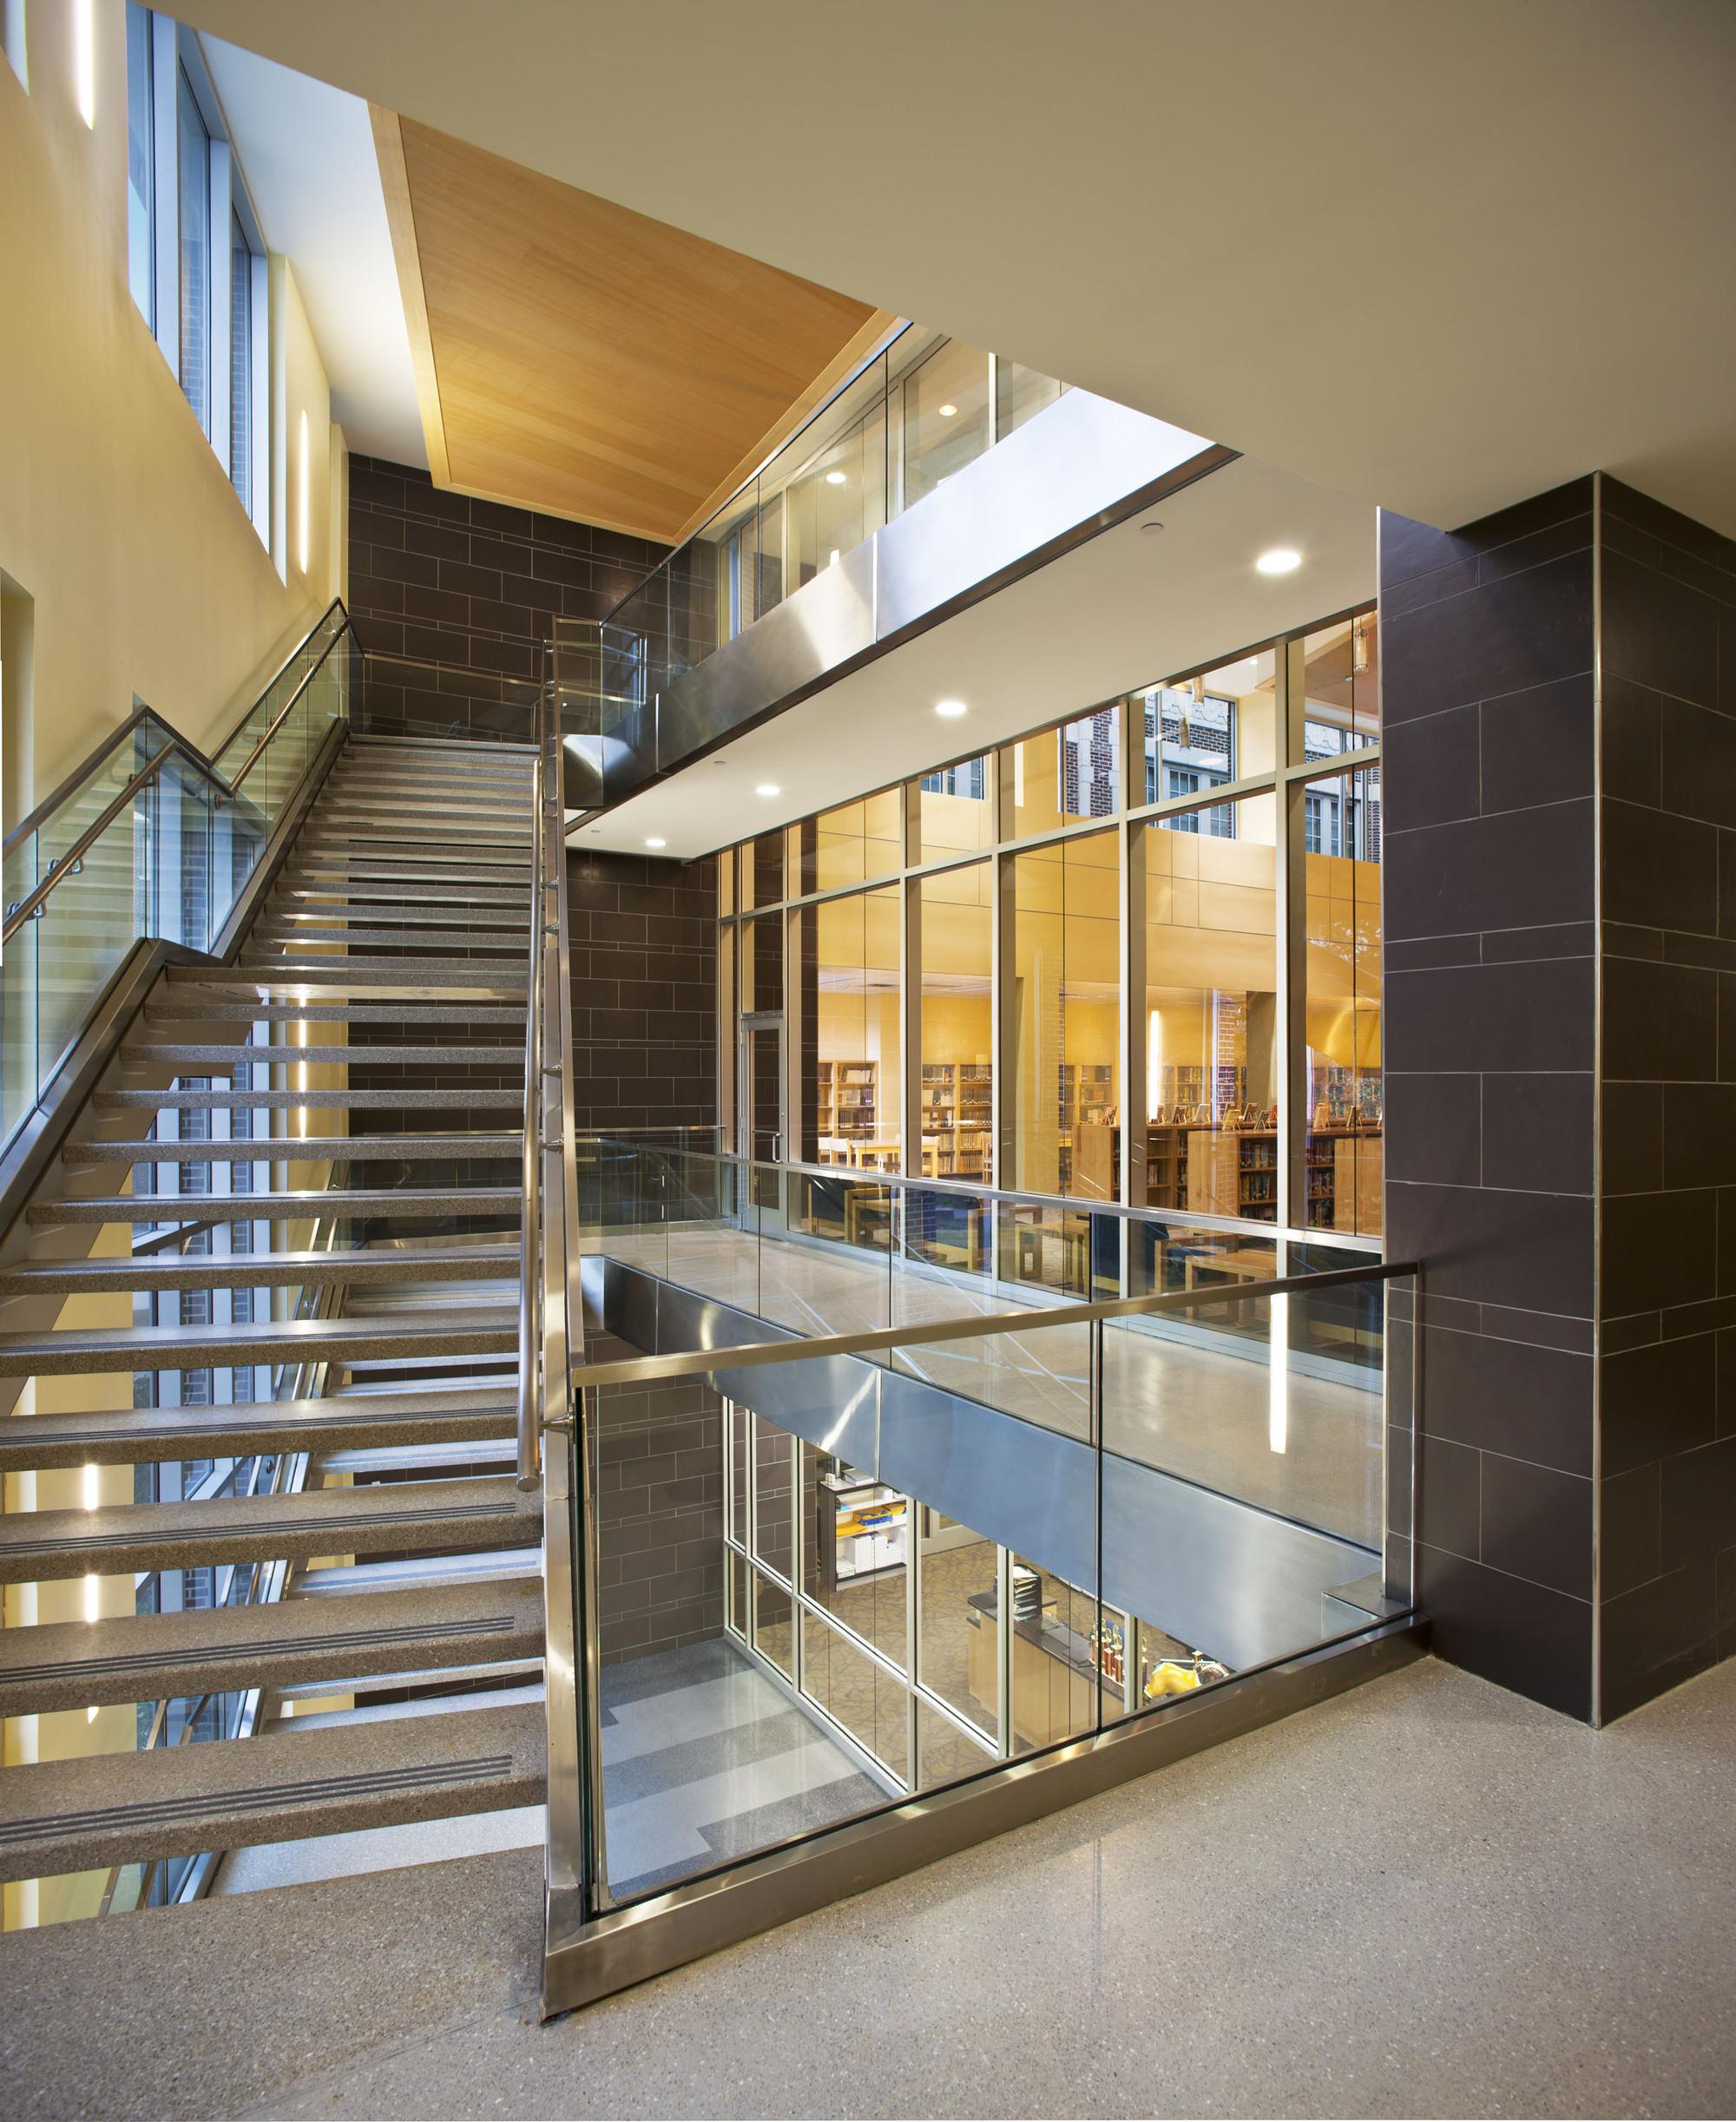 Interior design programs baton rouge - Interior design curriculum high school ...